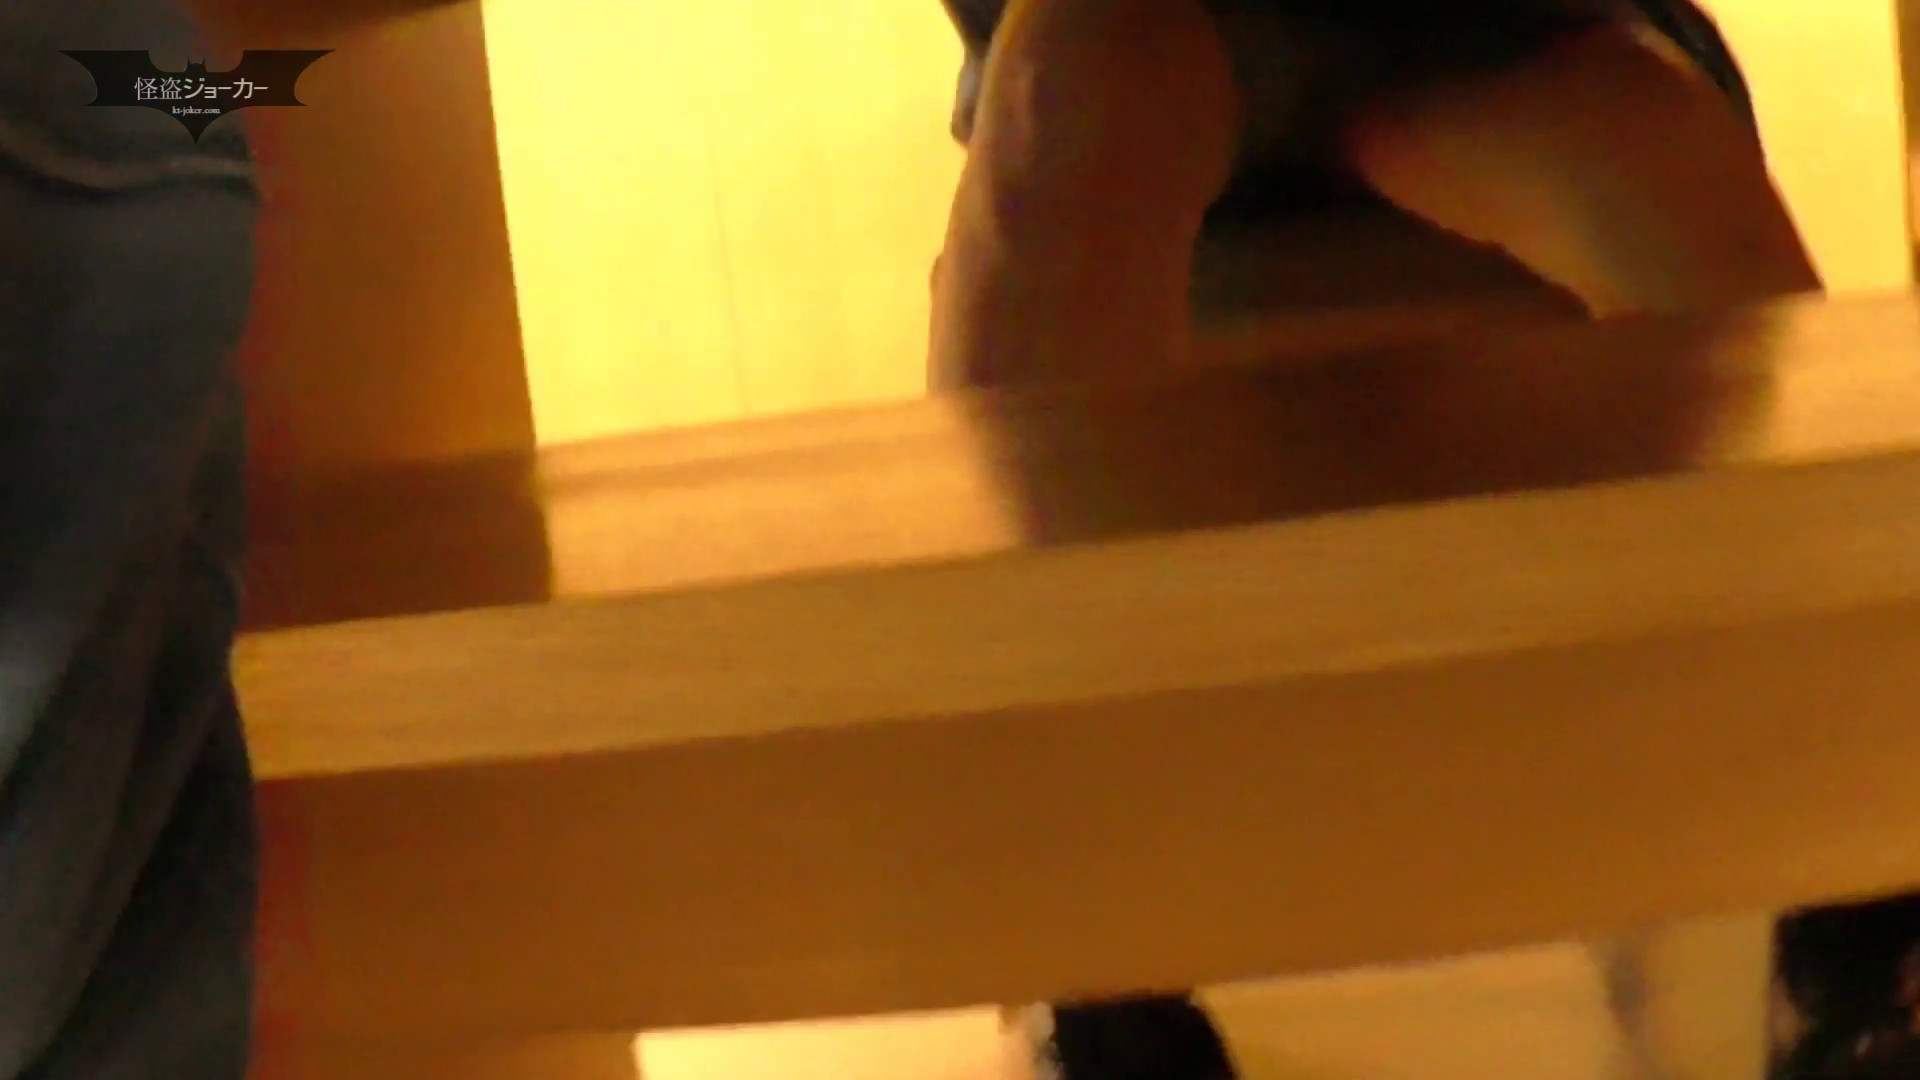 机の下の世界 Vol.04 生足はお好きですか? パンチラ女子 | 隠れた名作  98枚 13